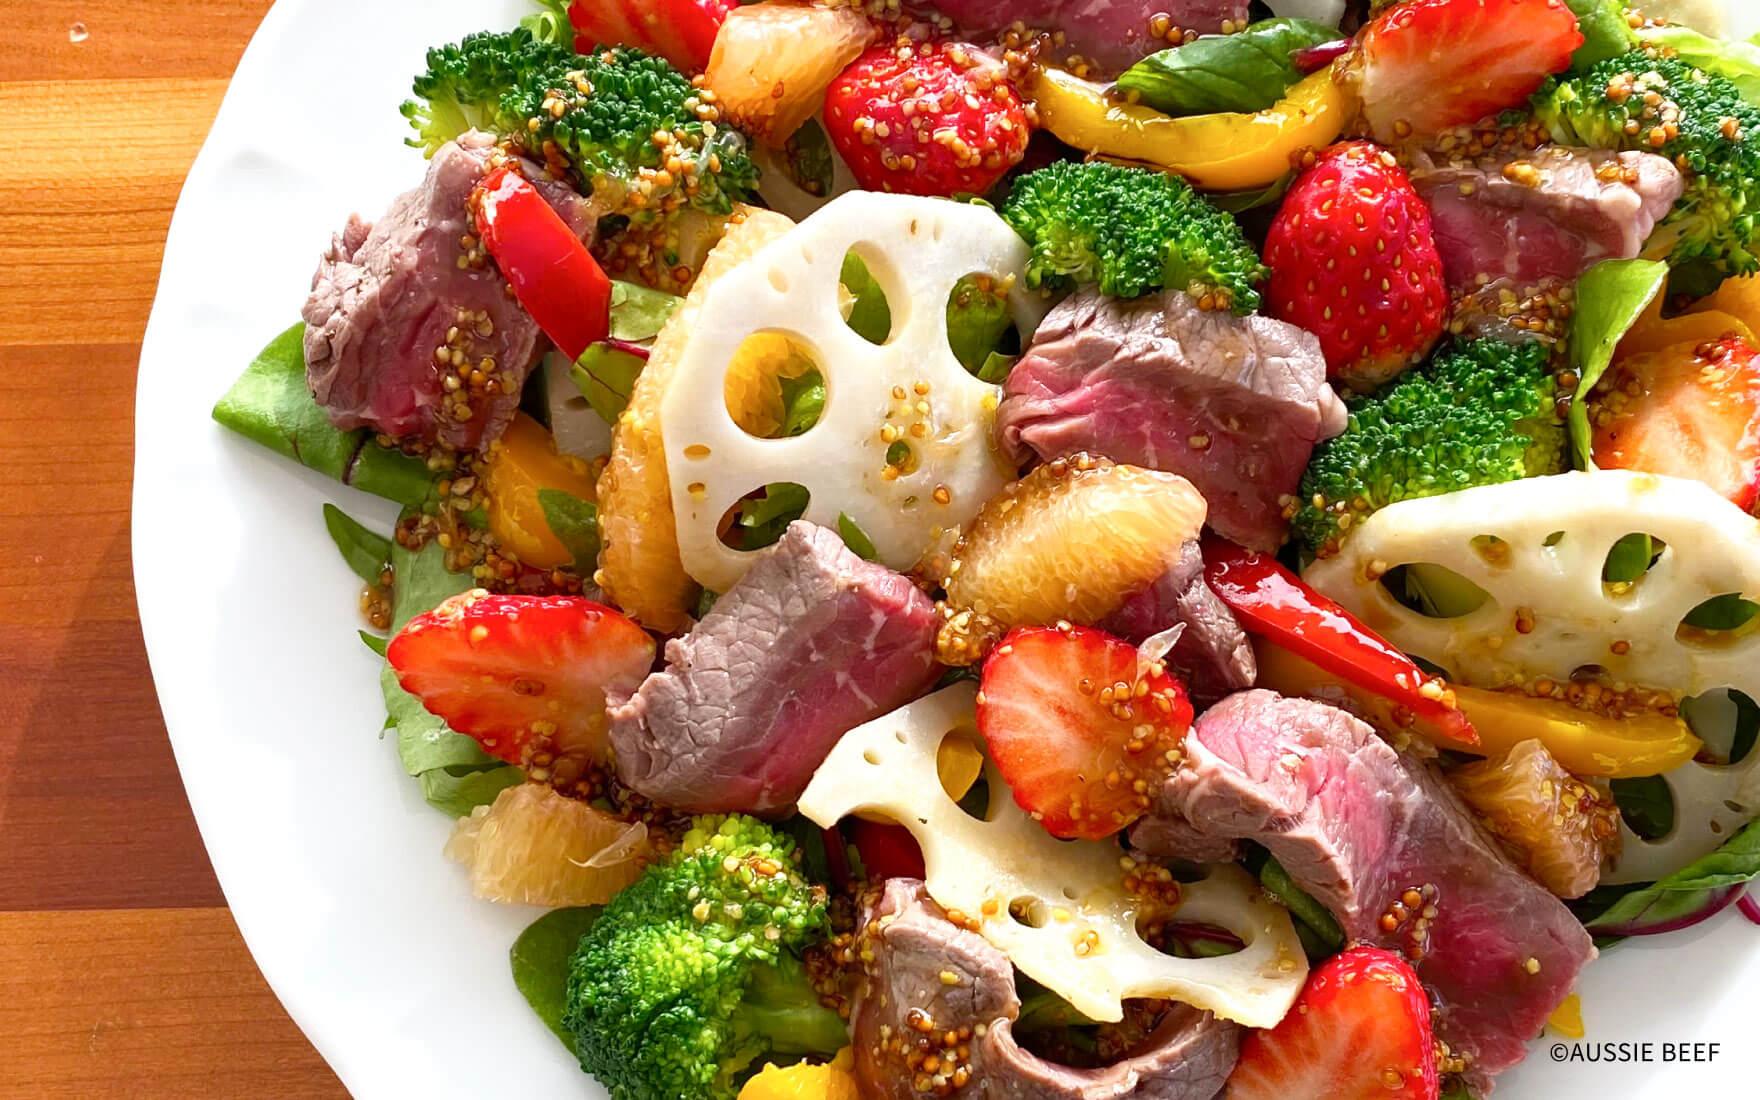 クリスマスにオージー・ビーフ/たっぷり野菜と一緒にビタミンも補給